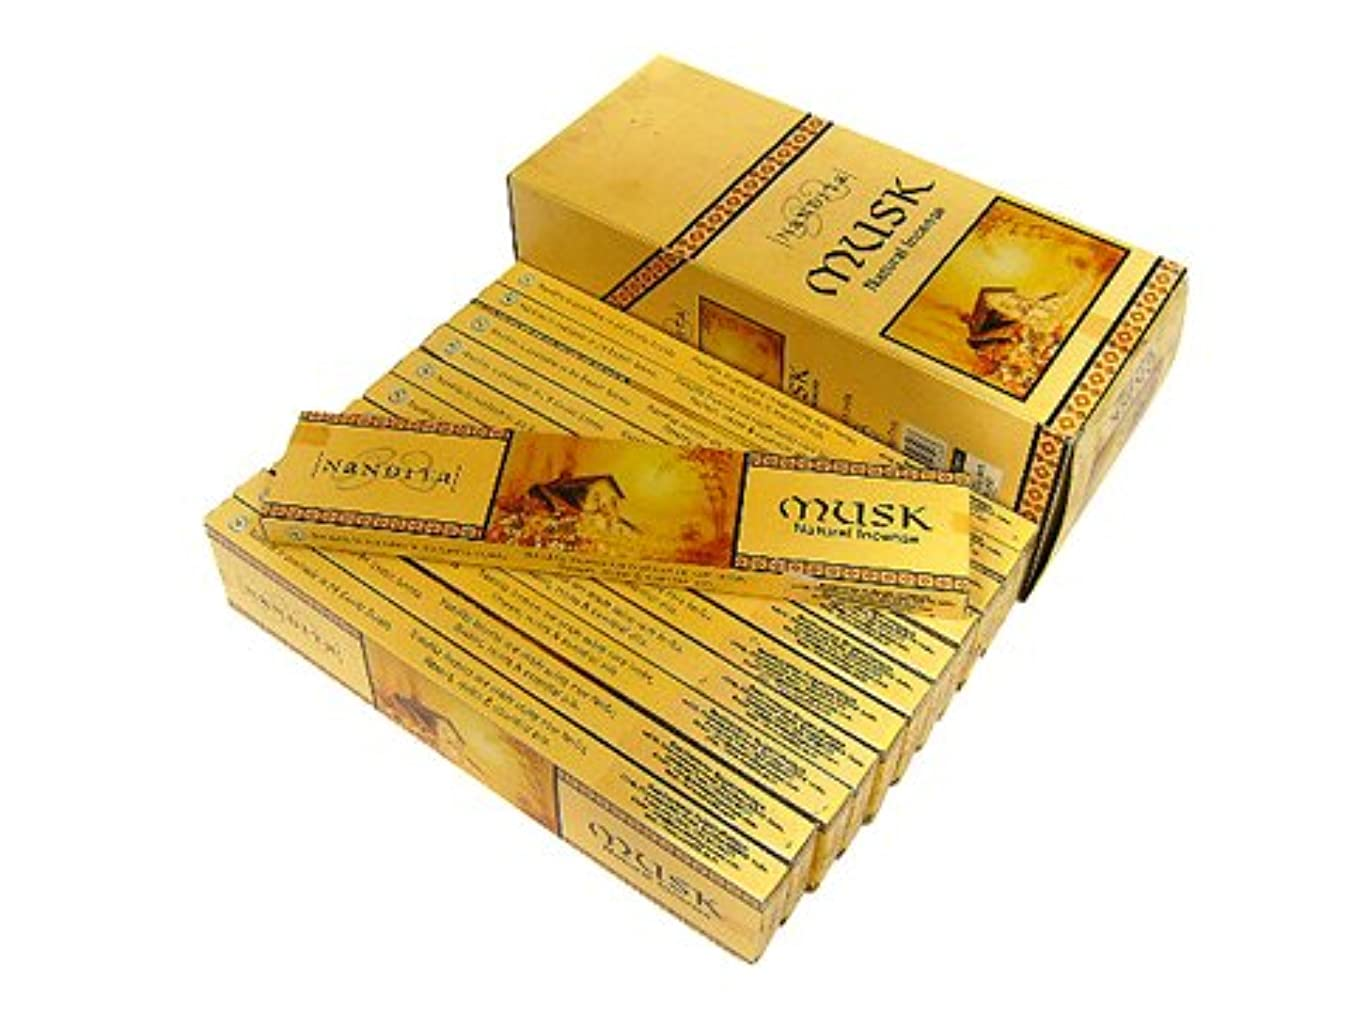 小麦粉寛容な引き出しNANDITA(ナンディータ) ムスク香 スティック MUSK 12箱セット